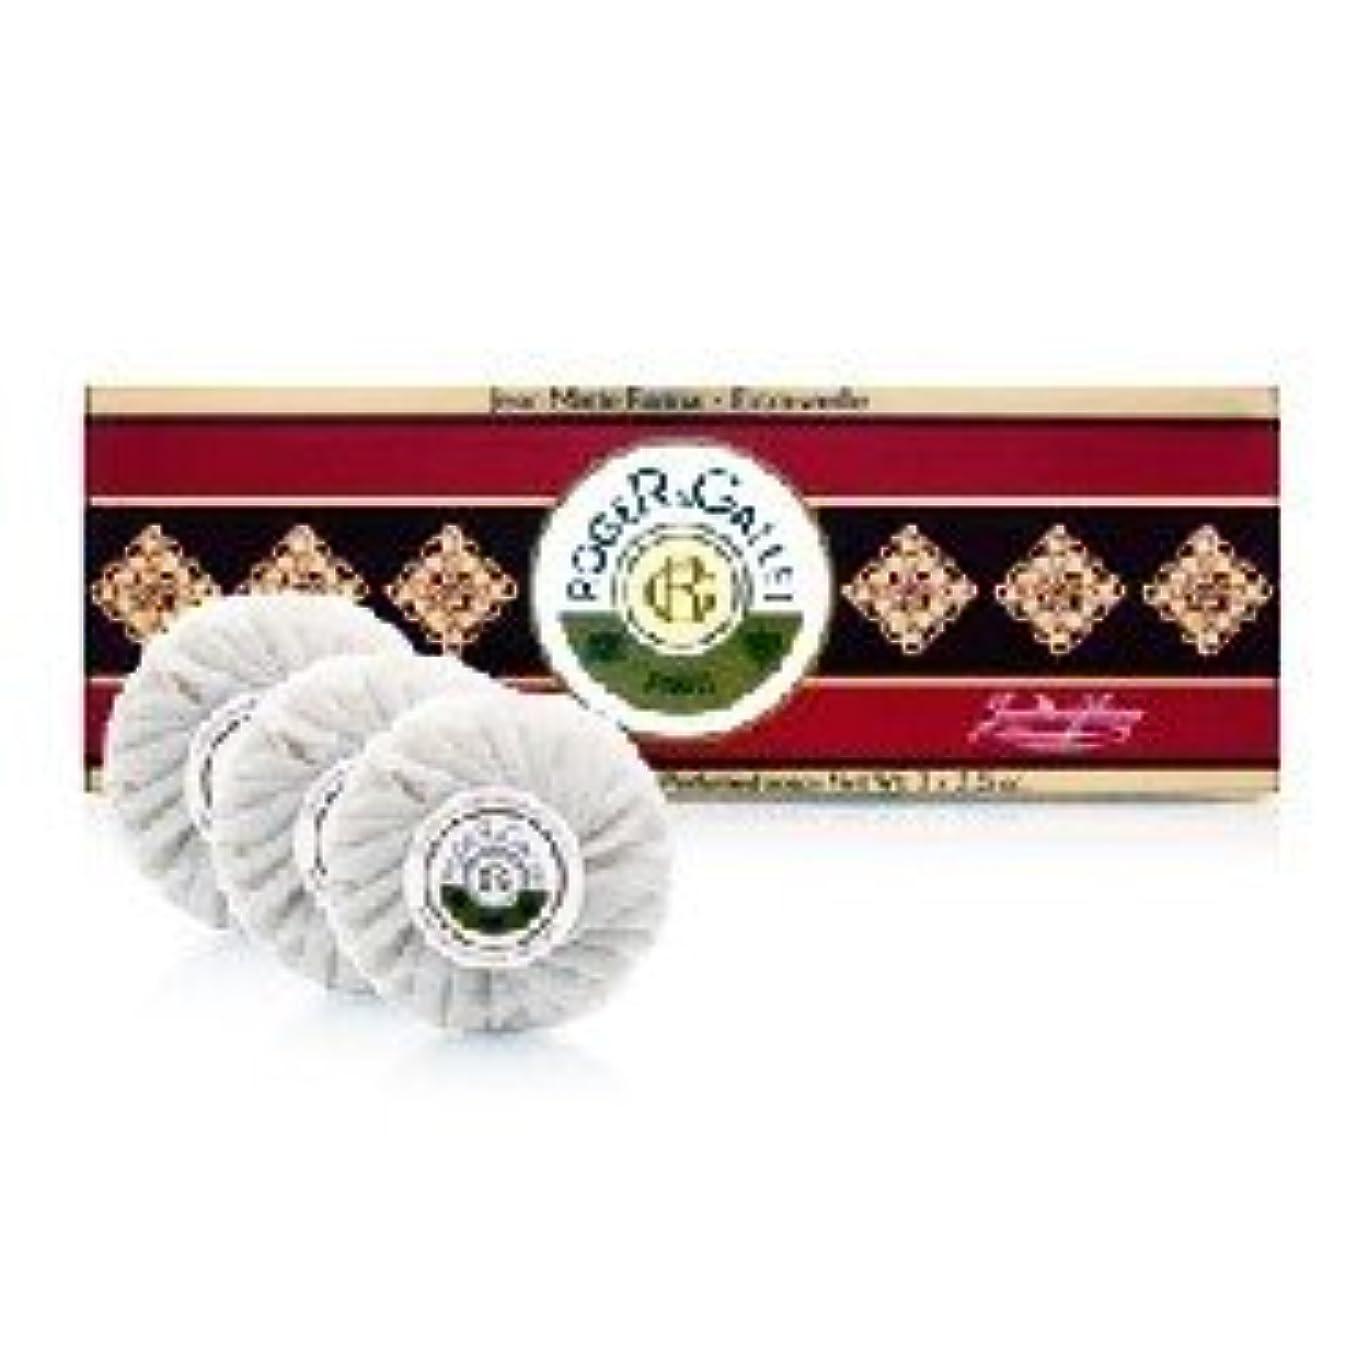 専門魅惑する定期的なロジェガレ ジャンマリーファリナ 香水石鹸3個セット ROGER&GALLET JEAN MARIE FARINA SOAP